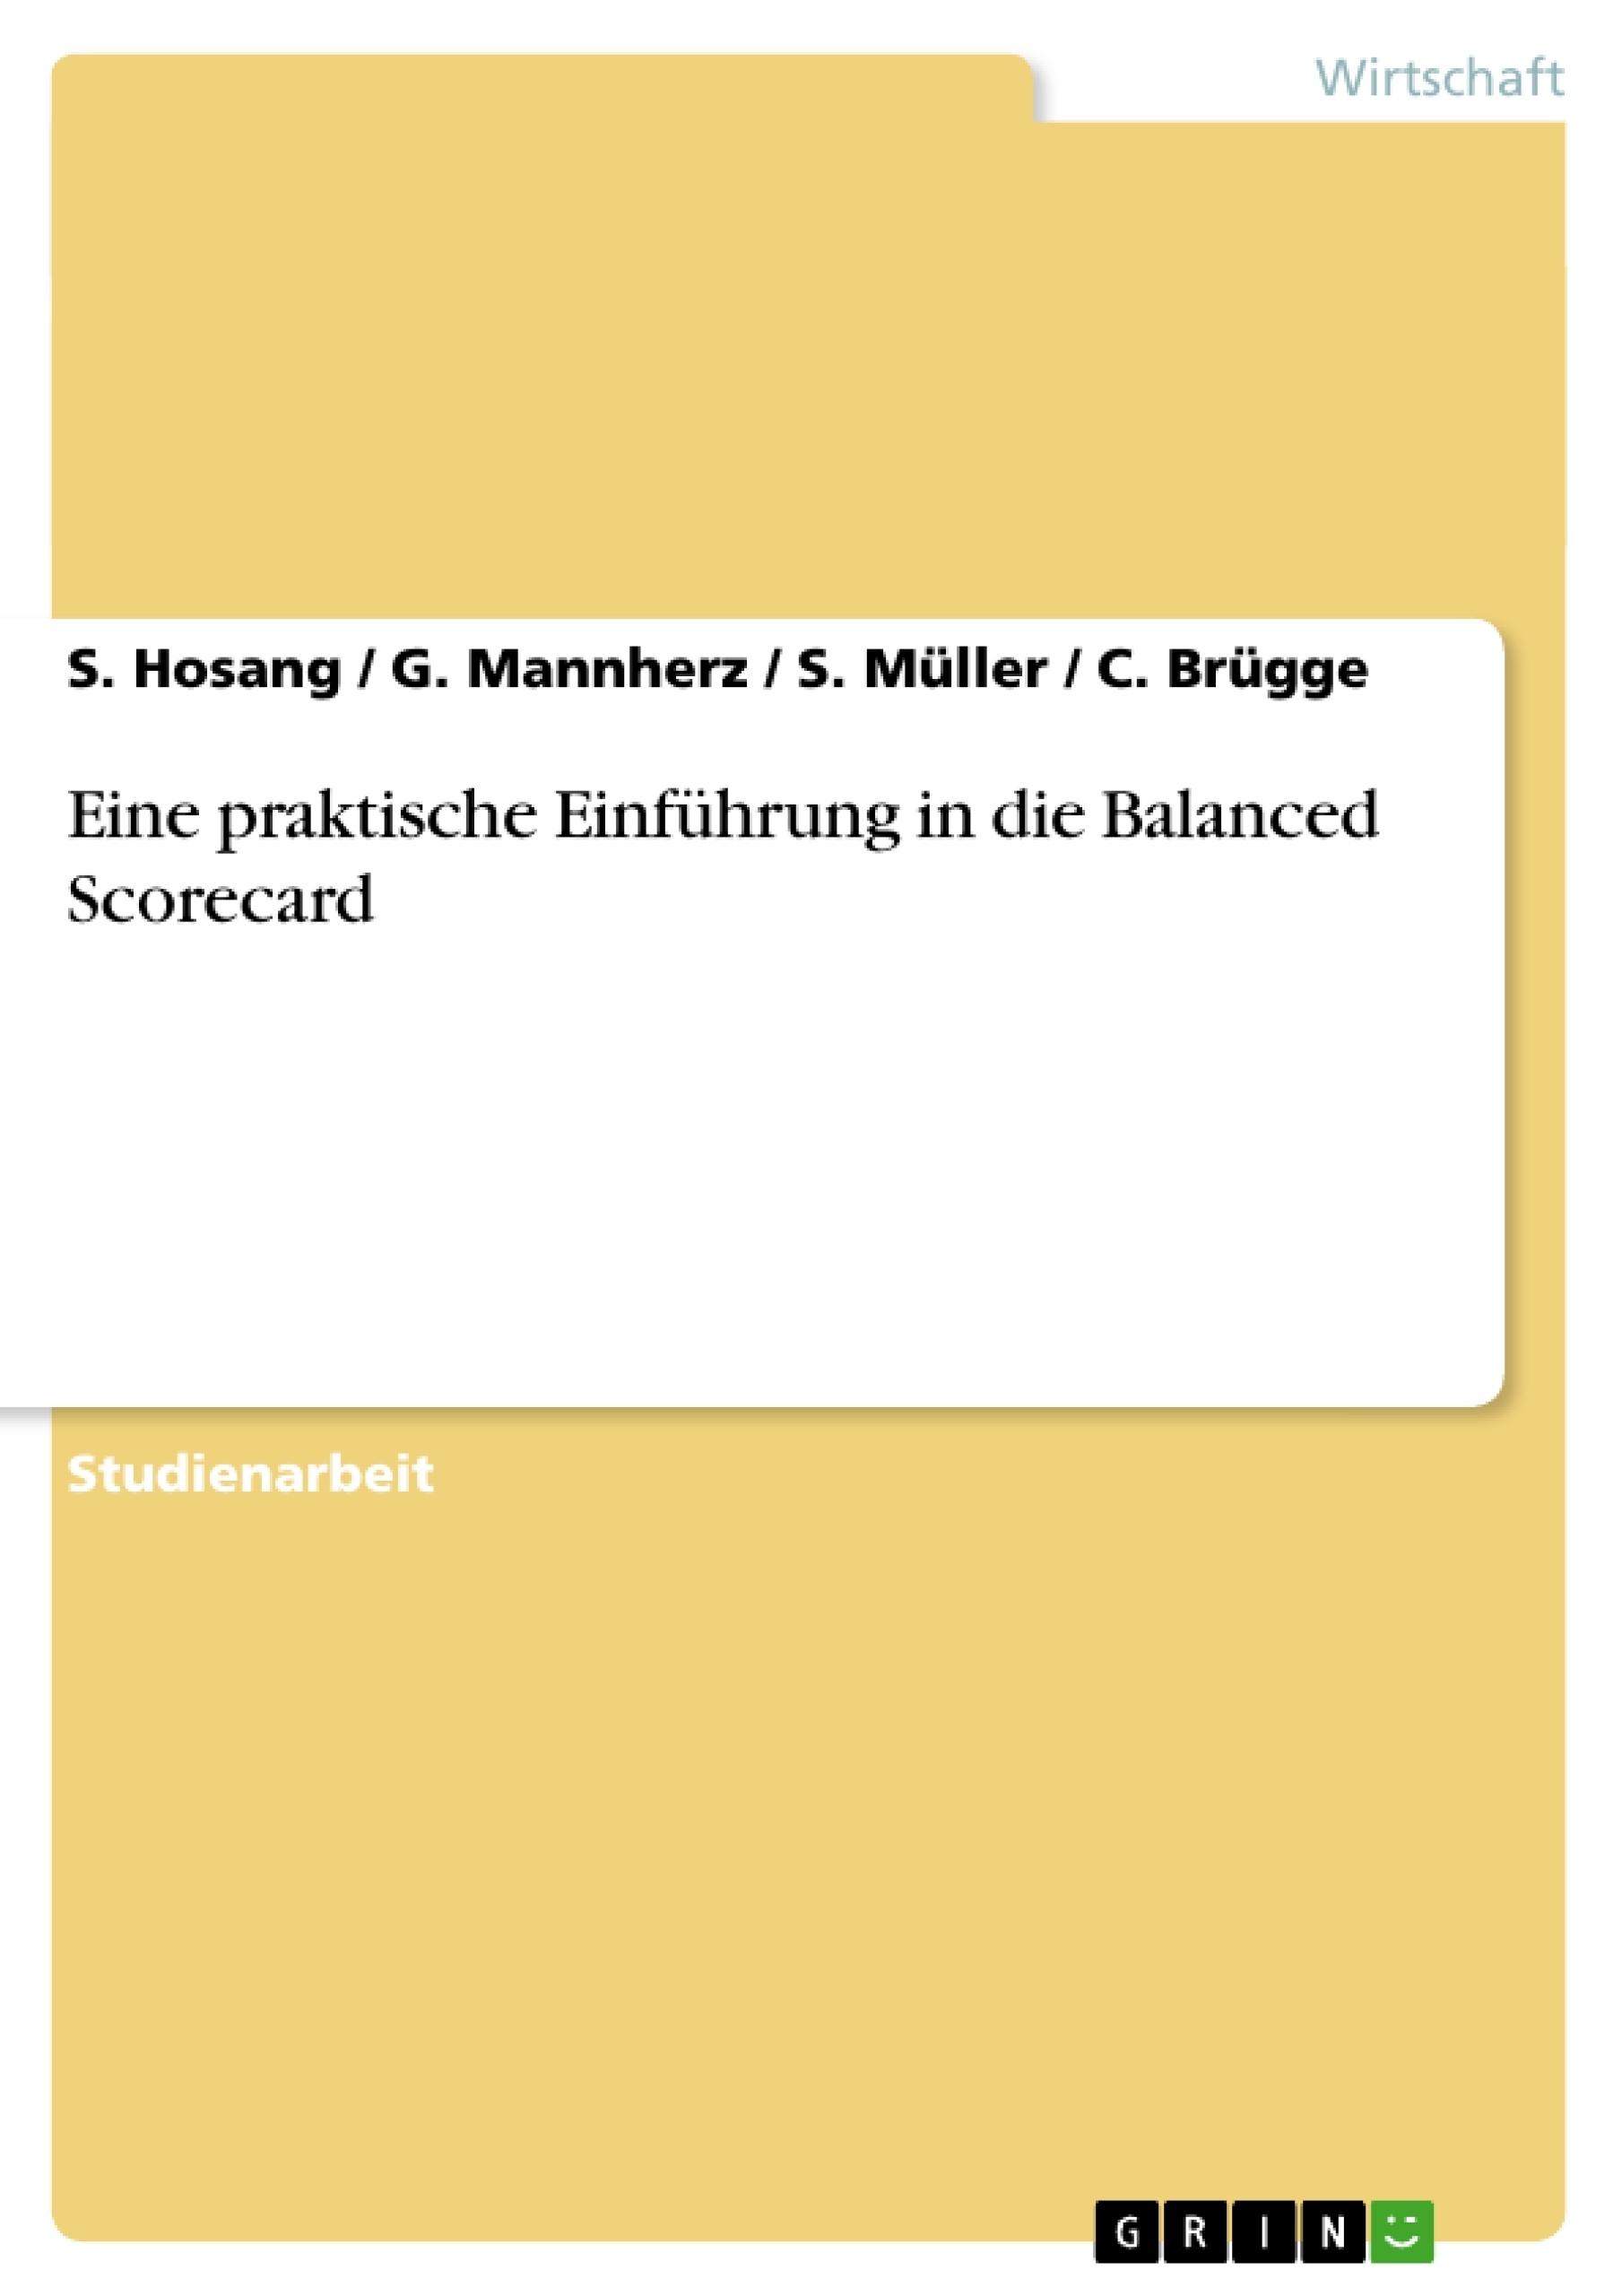 Titel: Eine praktische Einführung in die Balanced Scorecard